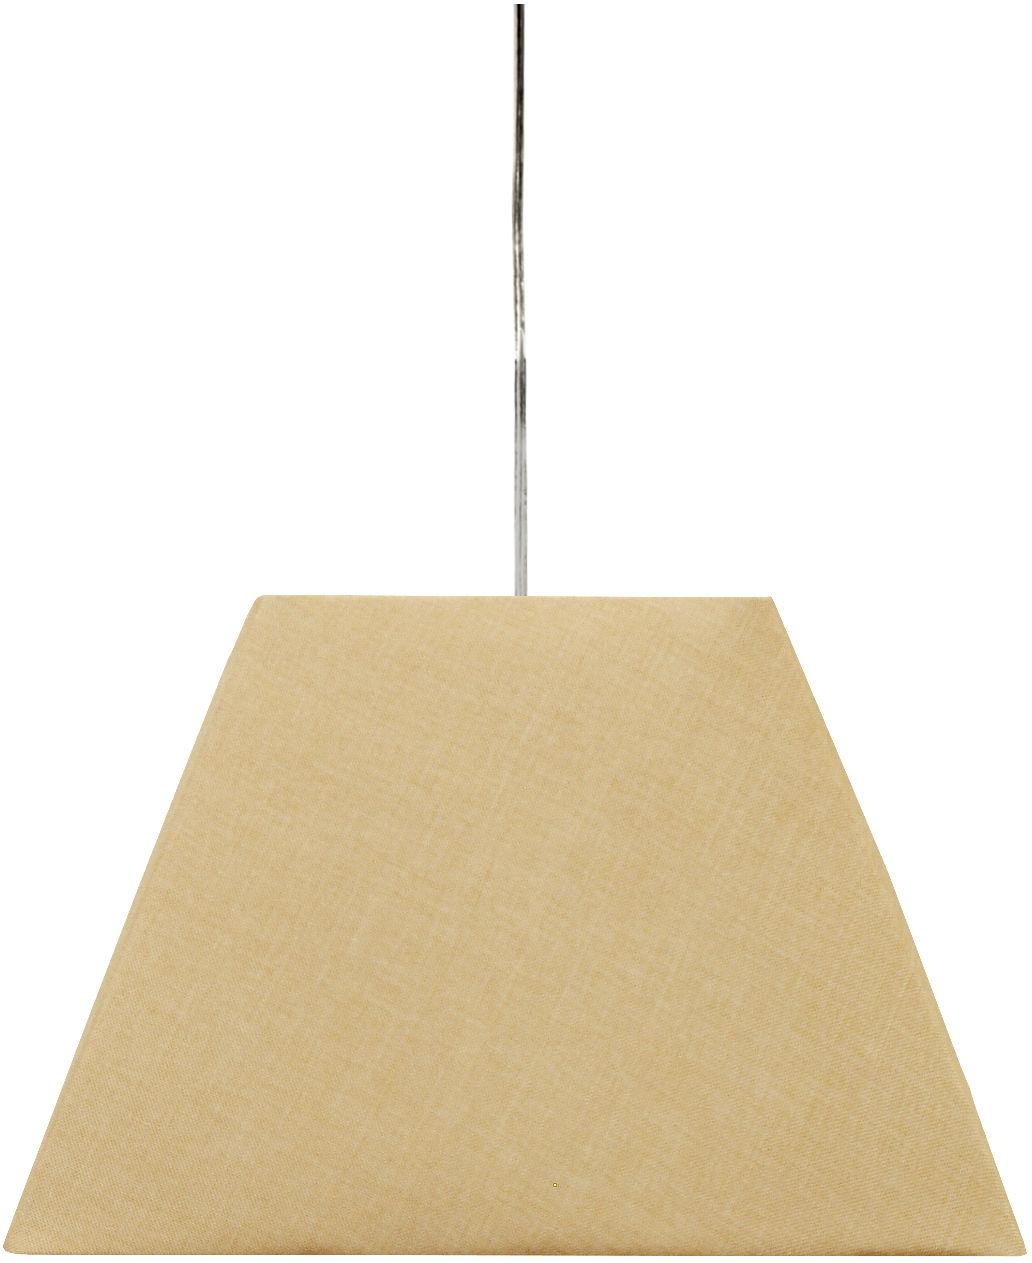 Candellux STANDARD 31-10018 lampa wisząca geometryczny kształt abażura kremowy 1X60W E27 35 cm